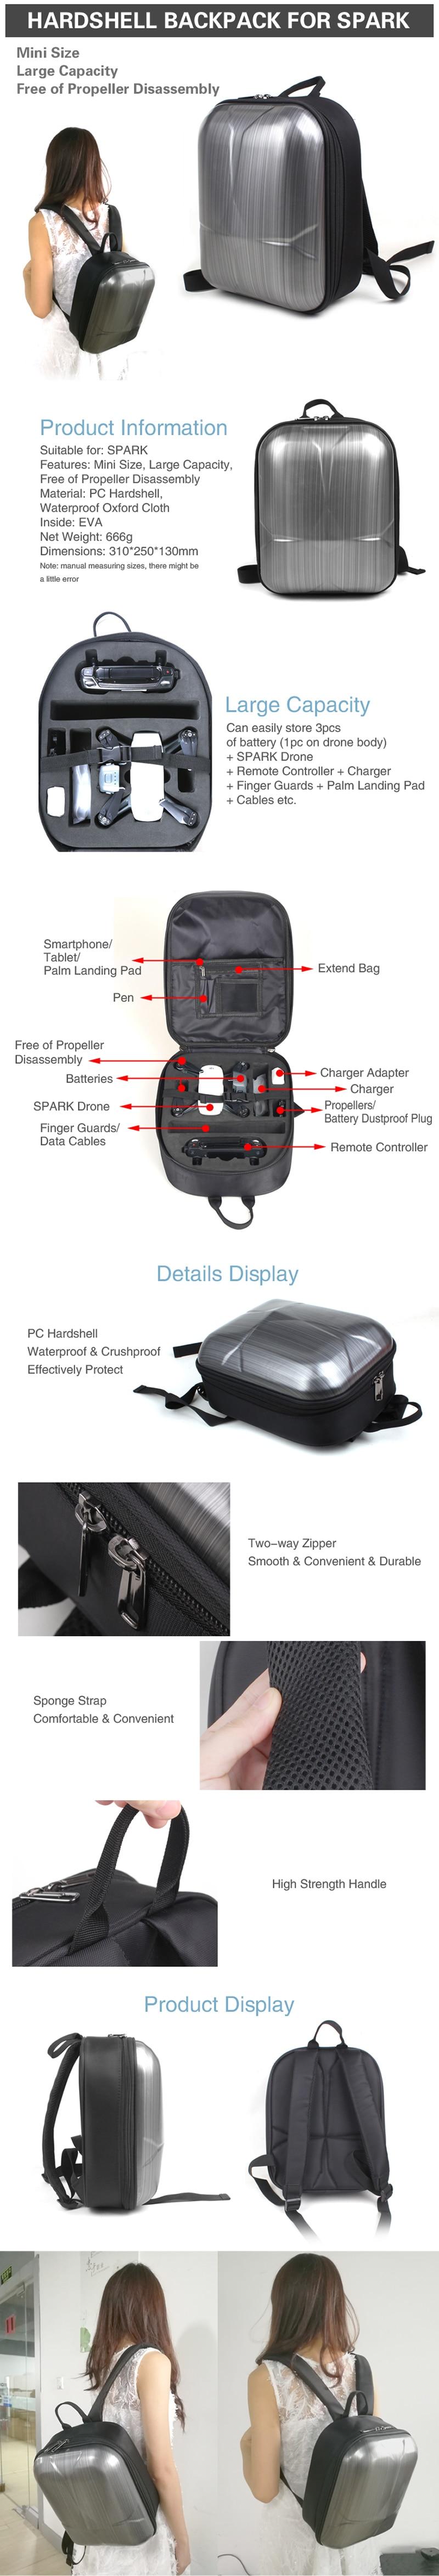 Mini Waterproof Hardshell Backpack for DJI Spark Drone Portable PC Storage Bag Travel Carrying Bag Case Shoulder Bag Quadcopter